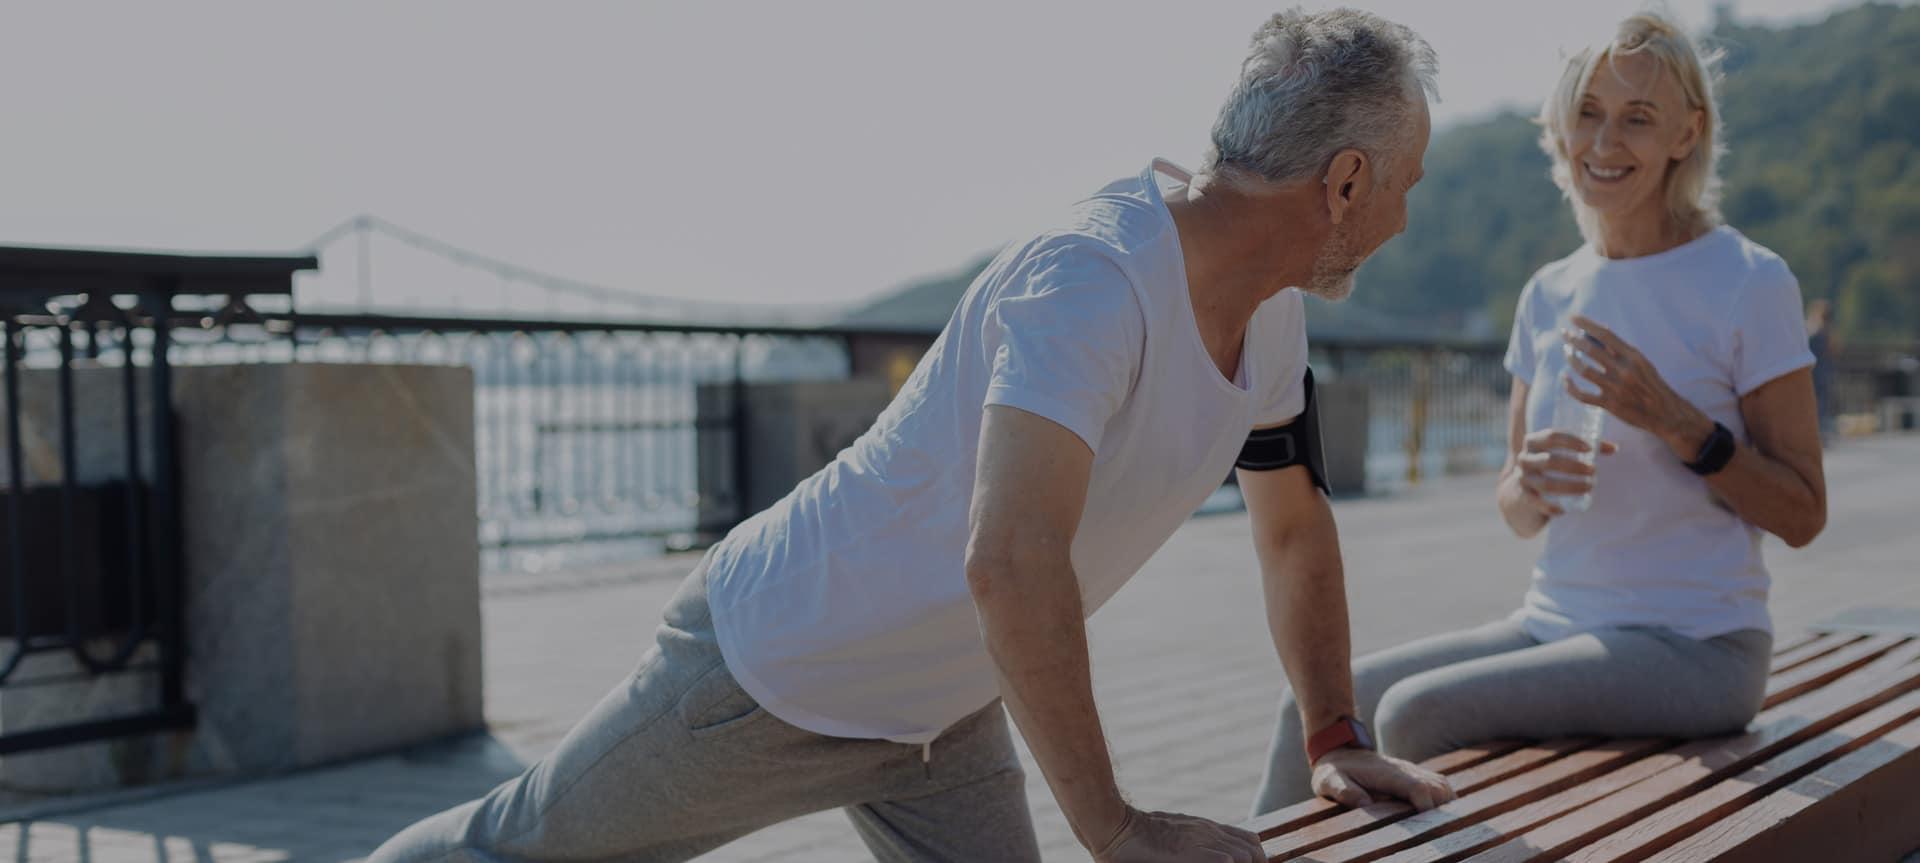 Älterer Mann beim Training mit einem gesunden Rücken